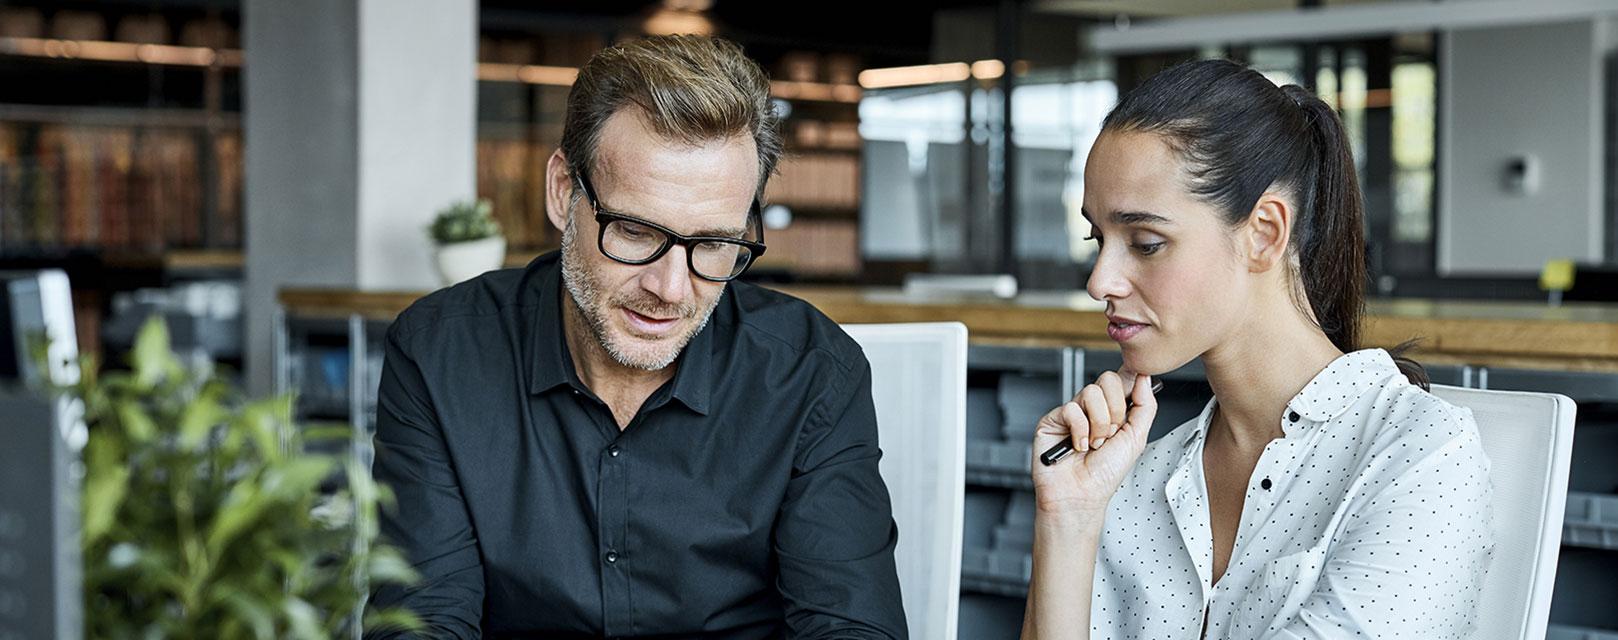 Tout savoir sur les 5 étapes de l'alignement des équipes de vente et marketing ?